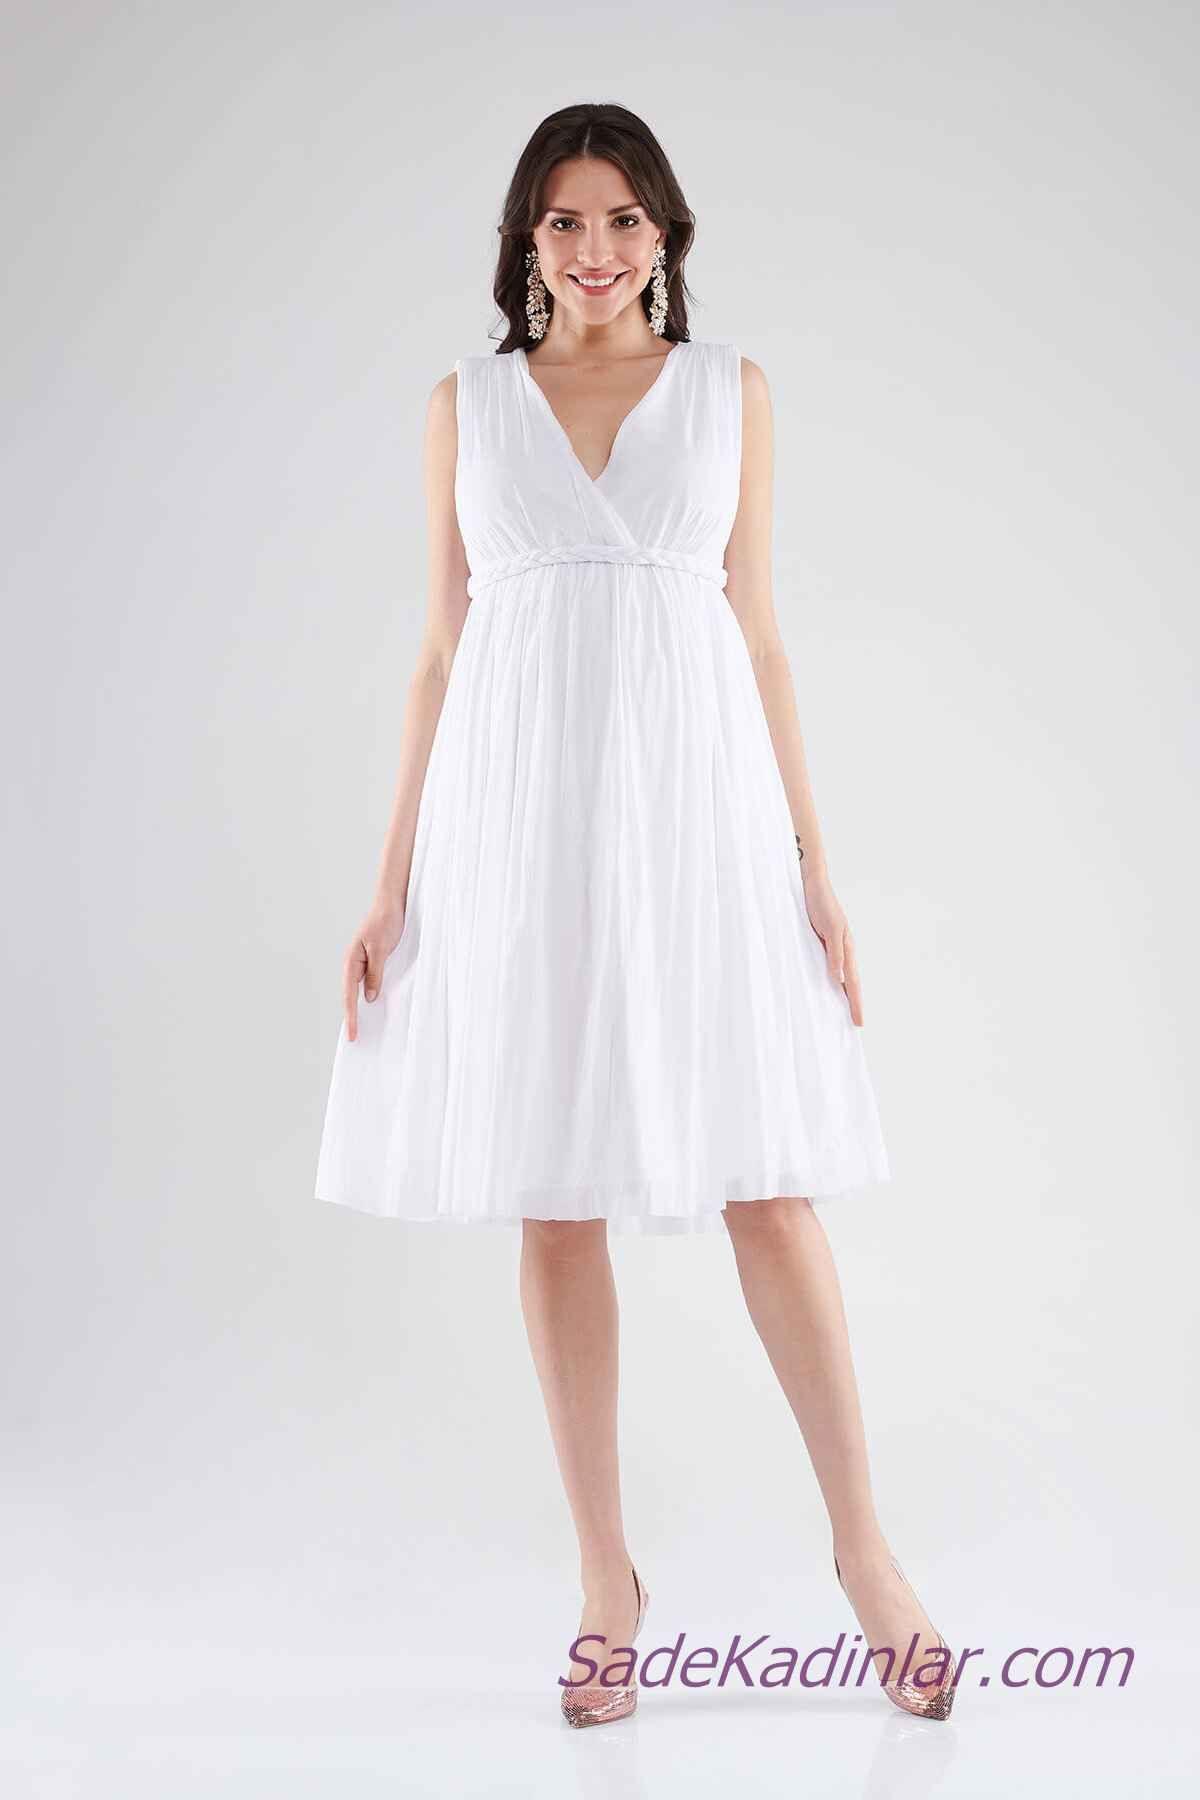 93f725a65e08e Hamile Abiye Elbise Modelleri Beyaz Dizboyu Kolsuz V Yakalı Belden Örgü  Kumaş Kemerli